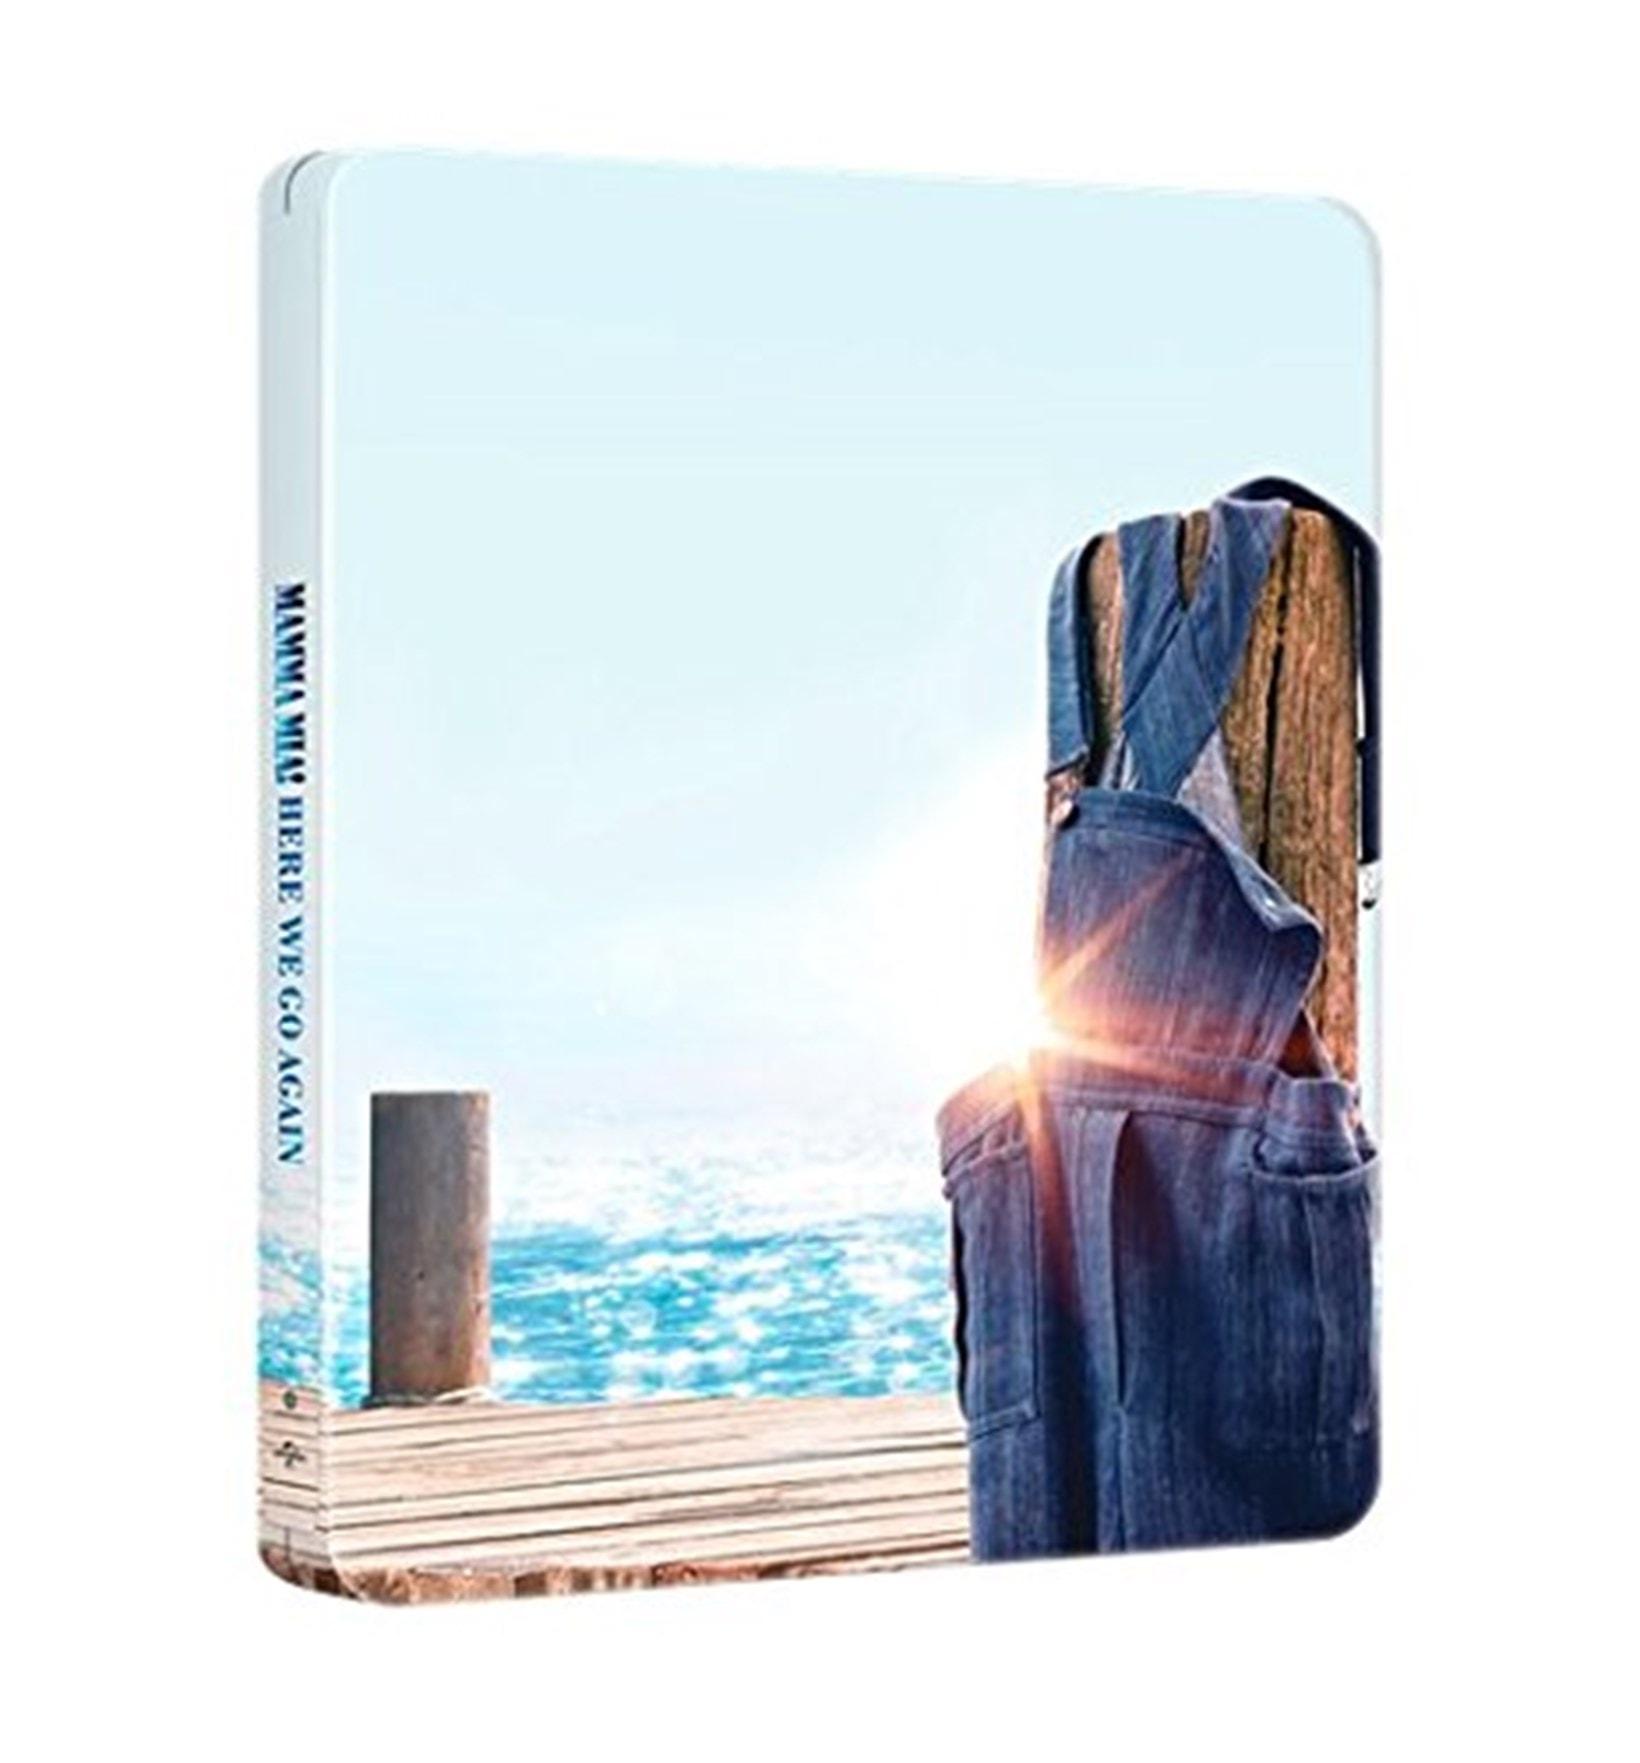 Mamma Mia! Here We Go Again (hmv Exclusive) 4K Ultra HD Steelbook